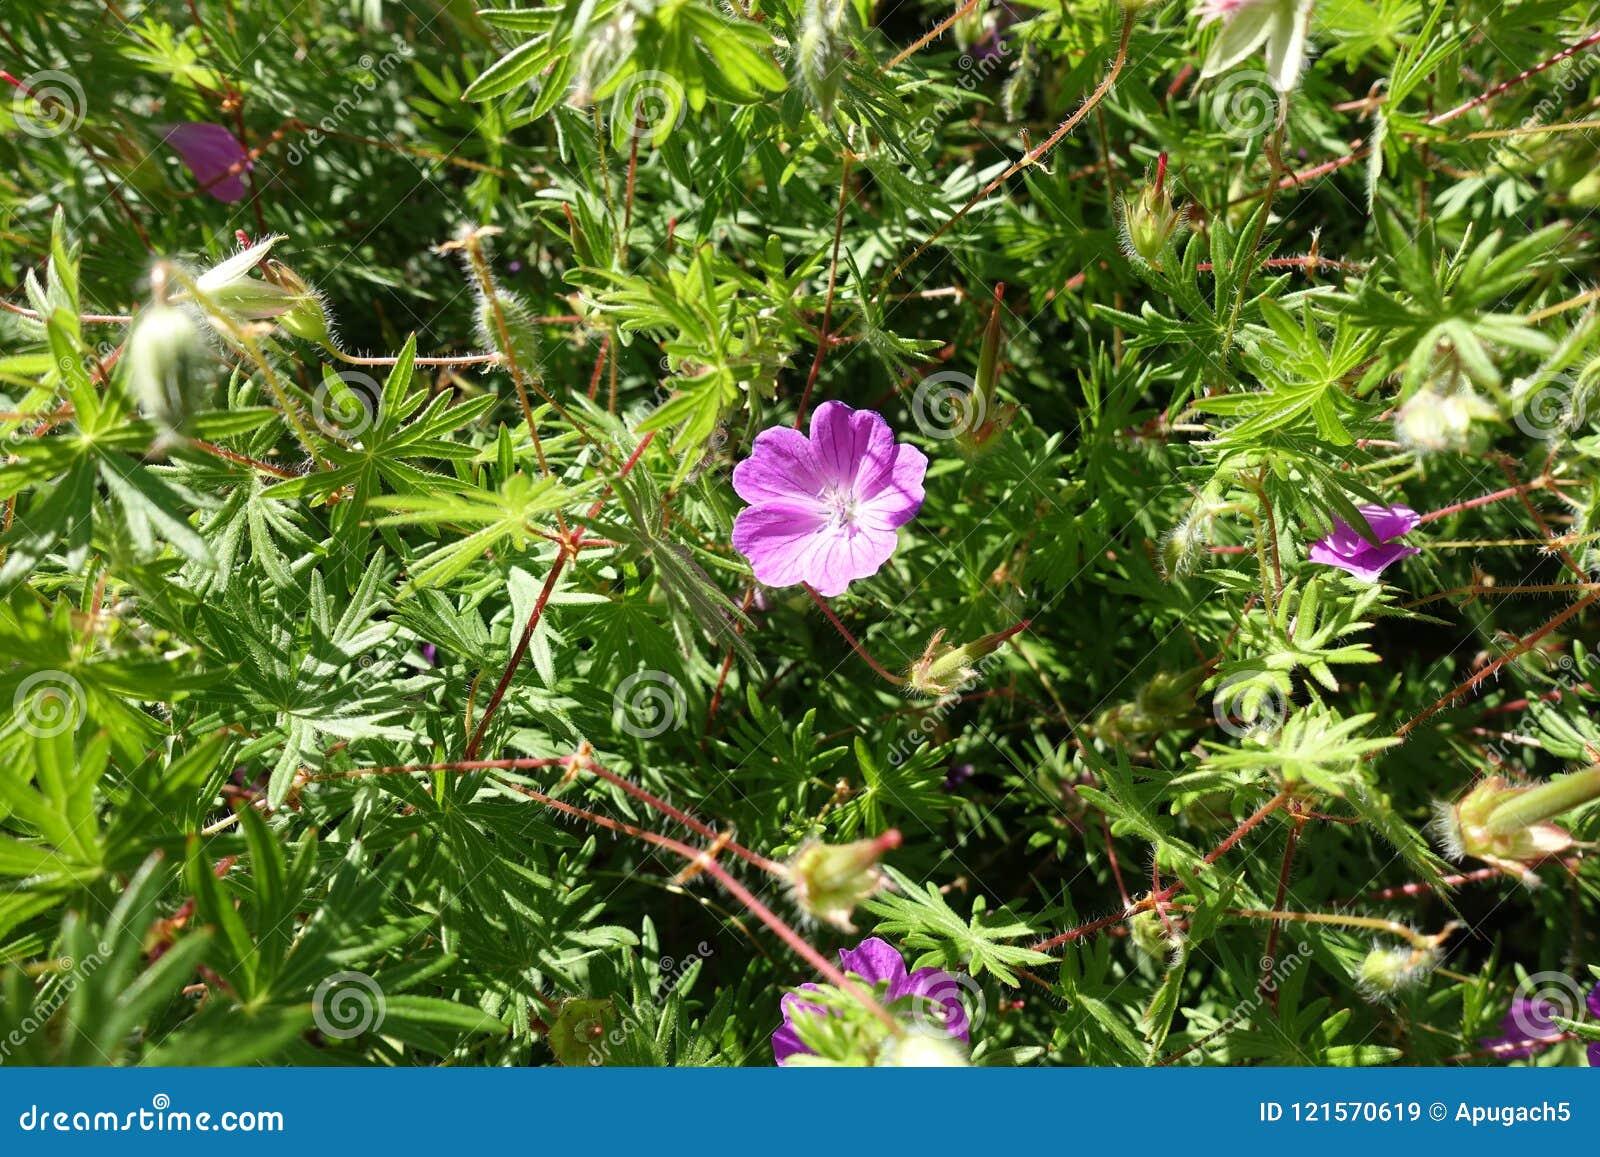 Closeup of pink flower of Geranium sanguineum